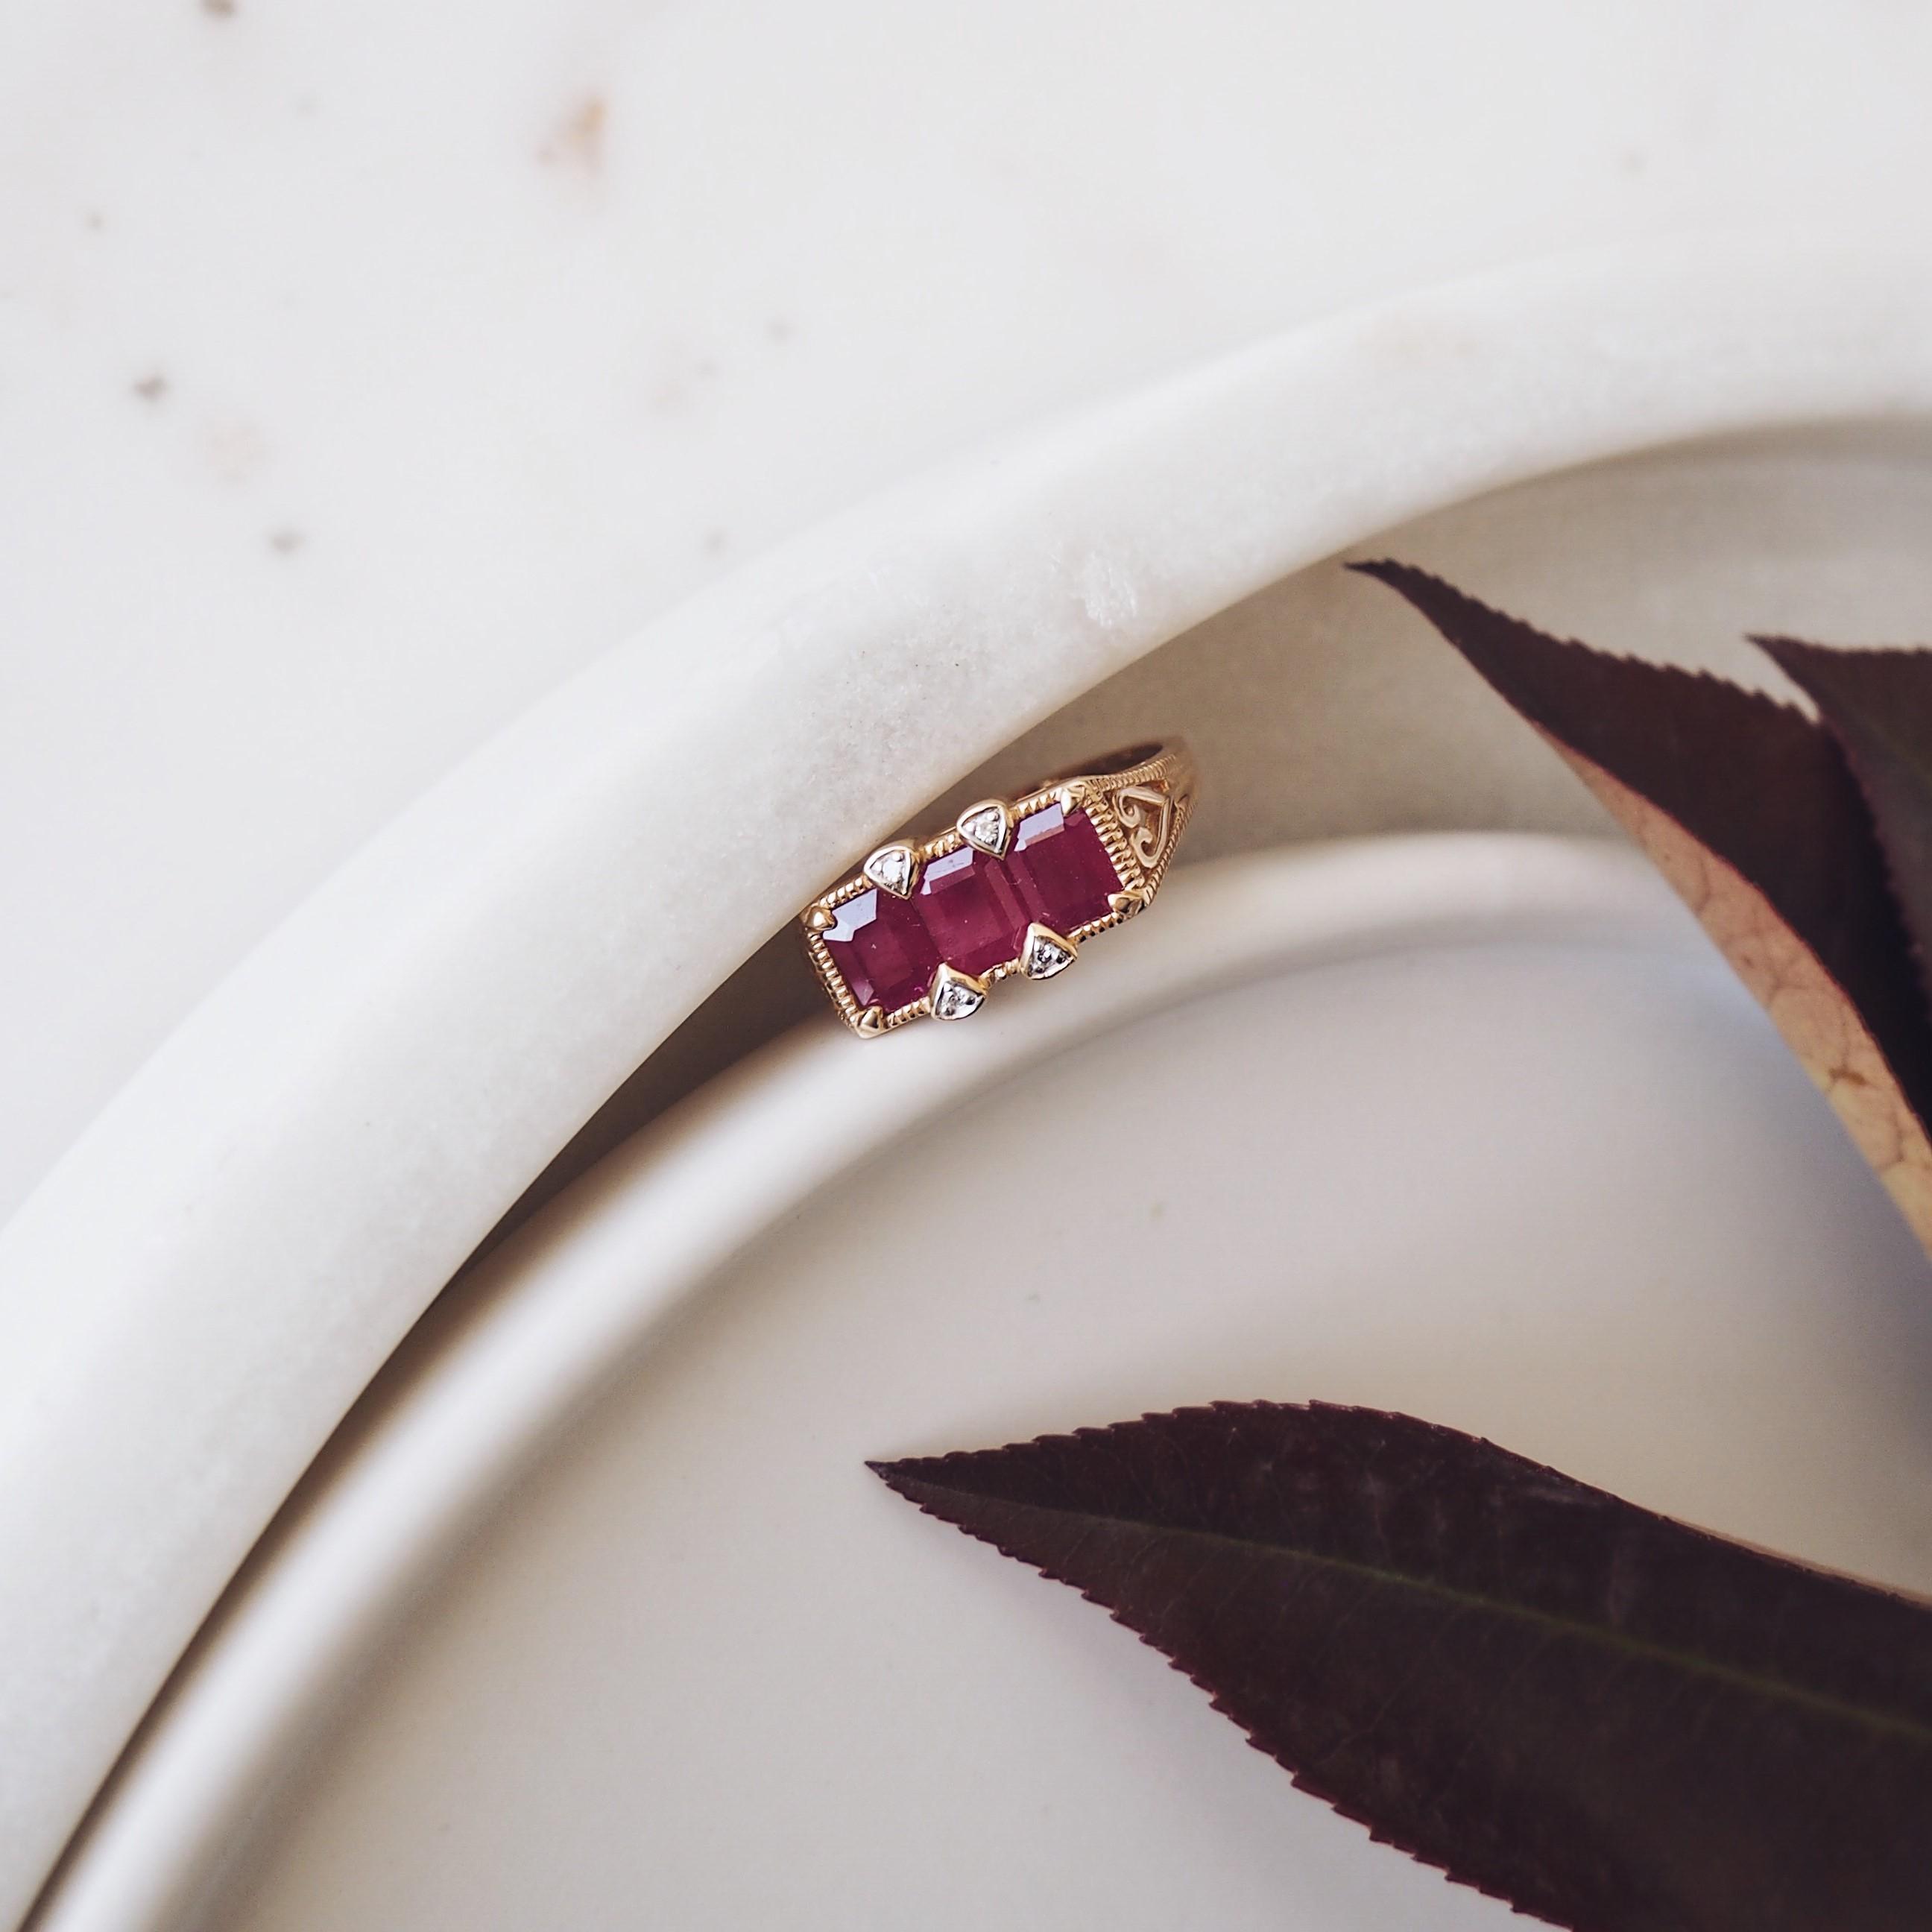 Почему драгоценные камни меняют цвет?